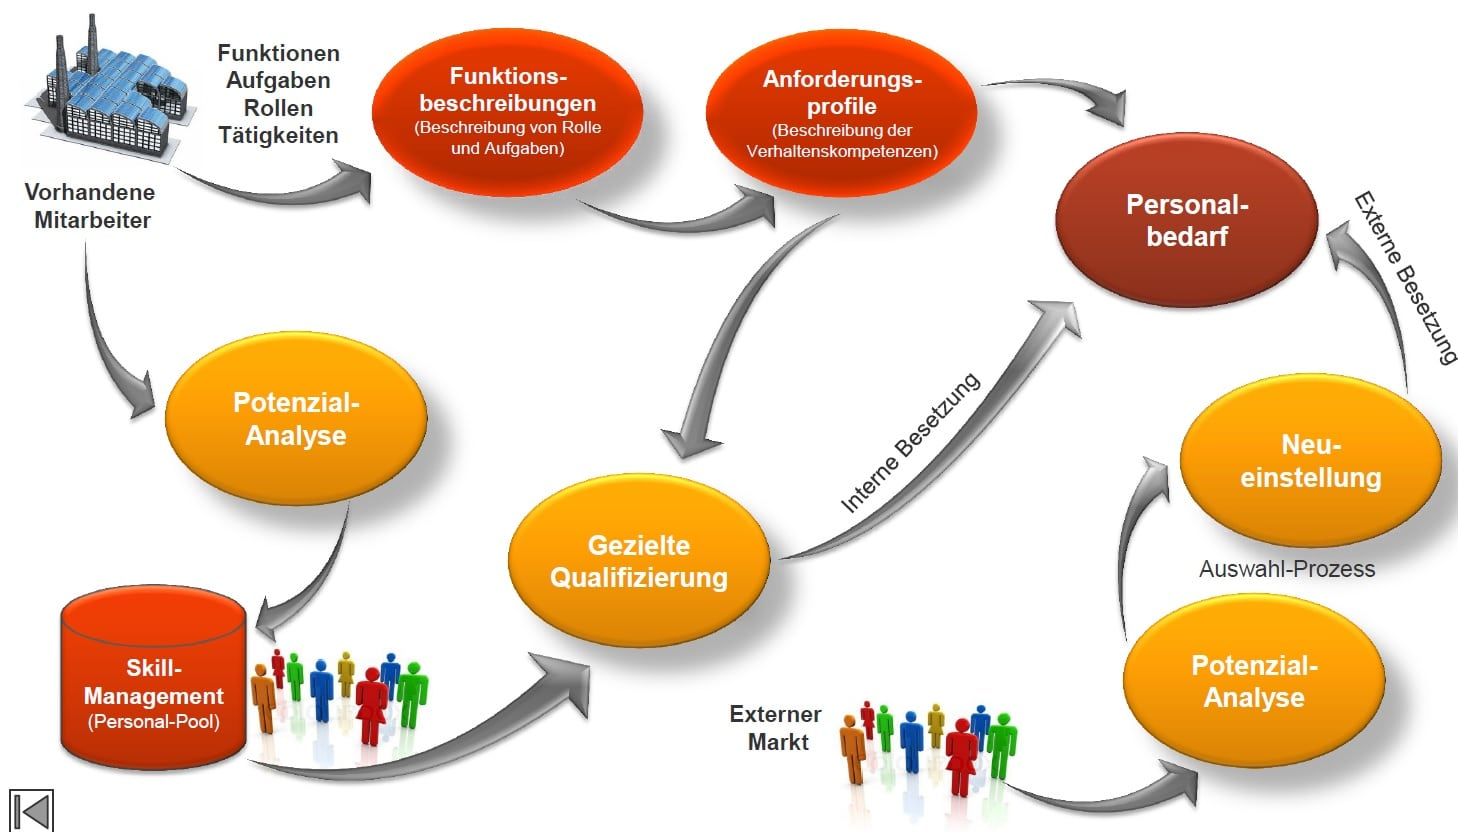 Bedarfsorientierte Personalentwicklung